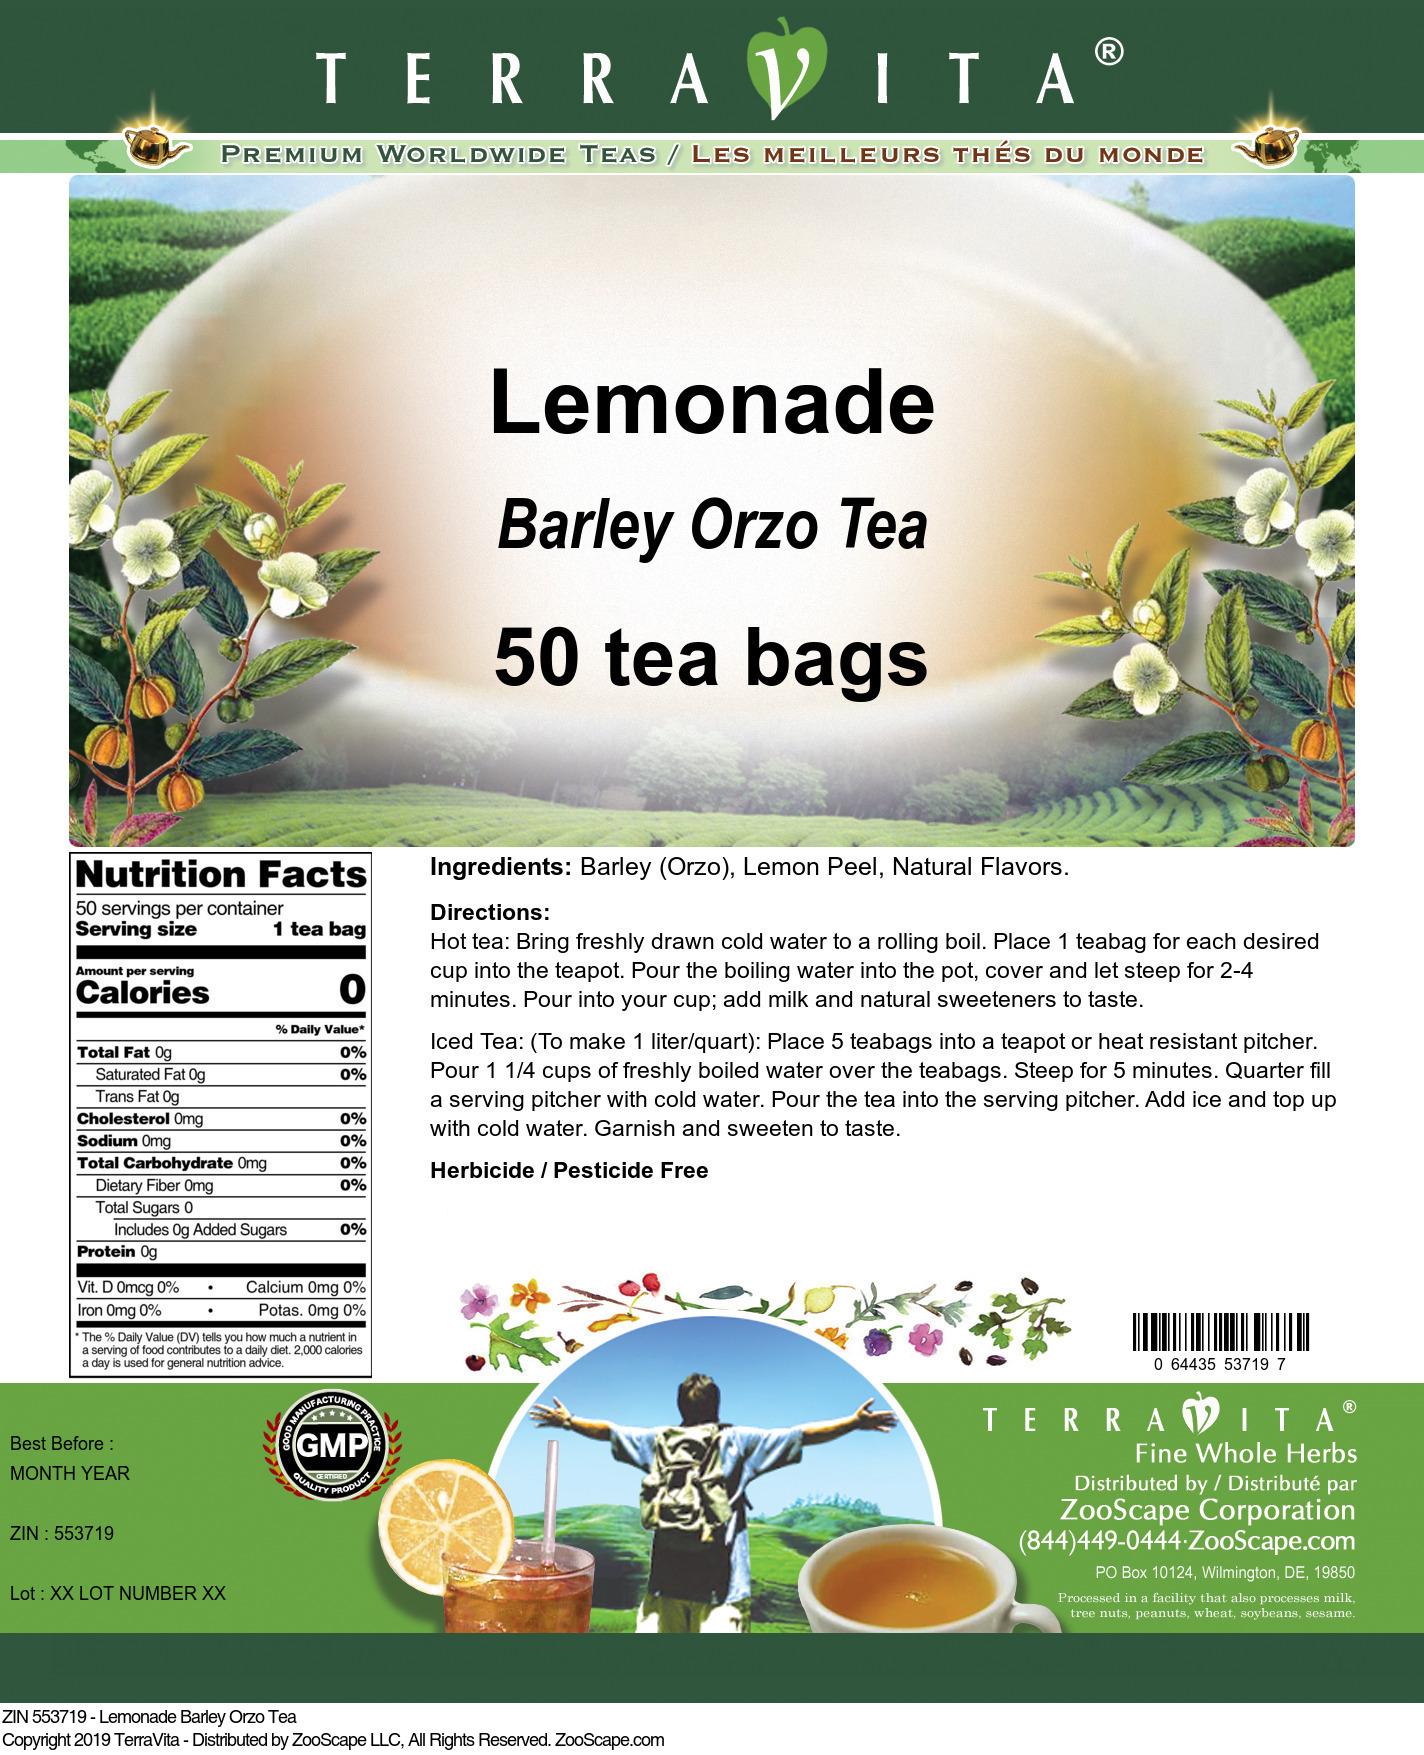 Lemonade Barley Orzo Tea